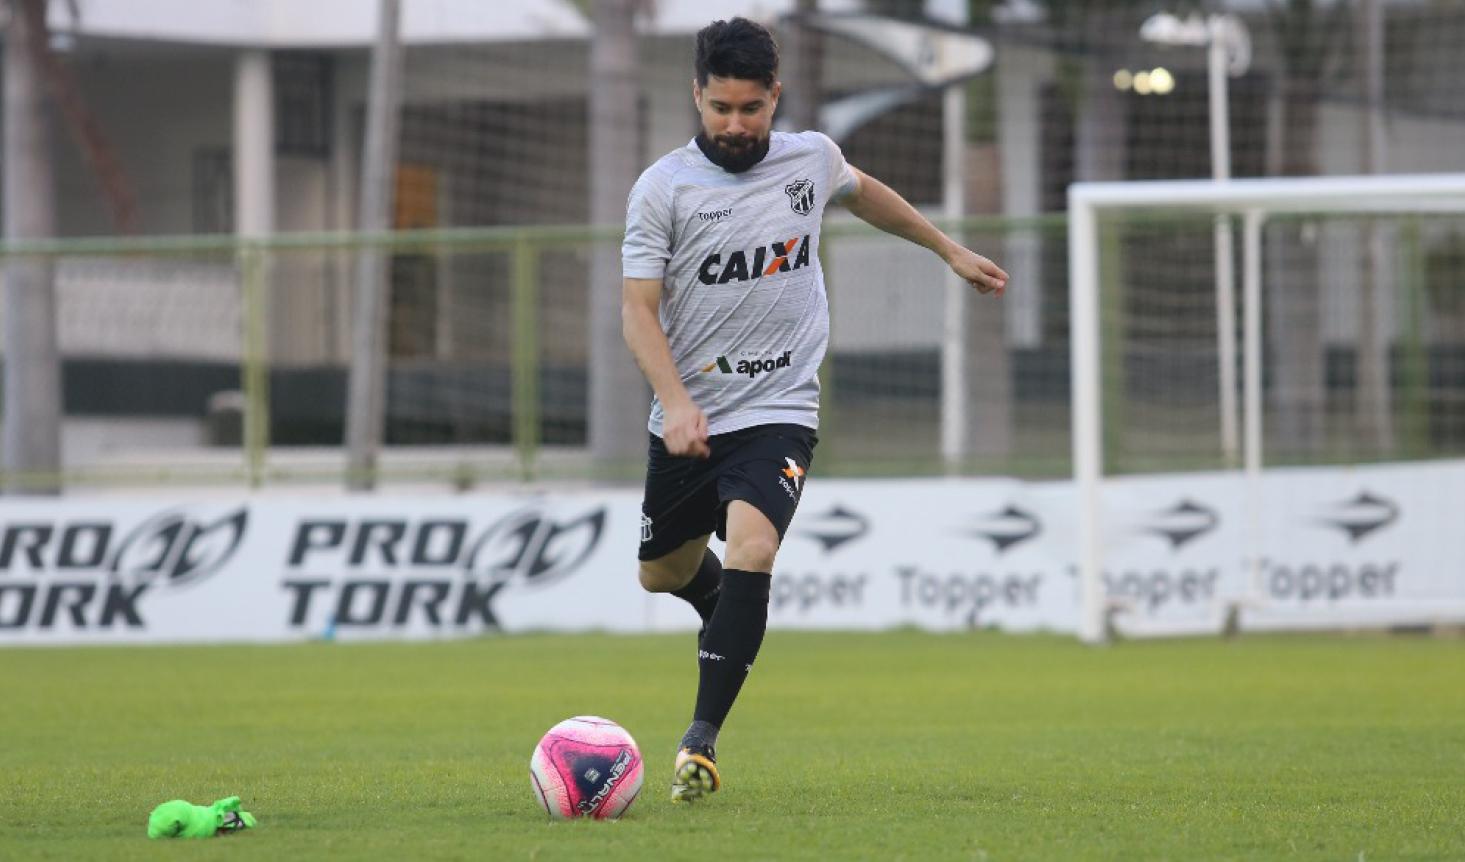 Ricardinho já disputou 13 clássicos pelo Ceará. Foram 7 vitórias, 4 empates e 2 derrotas para o rival.